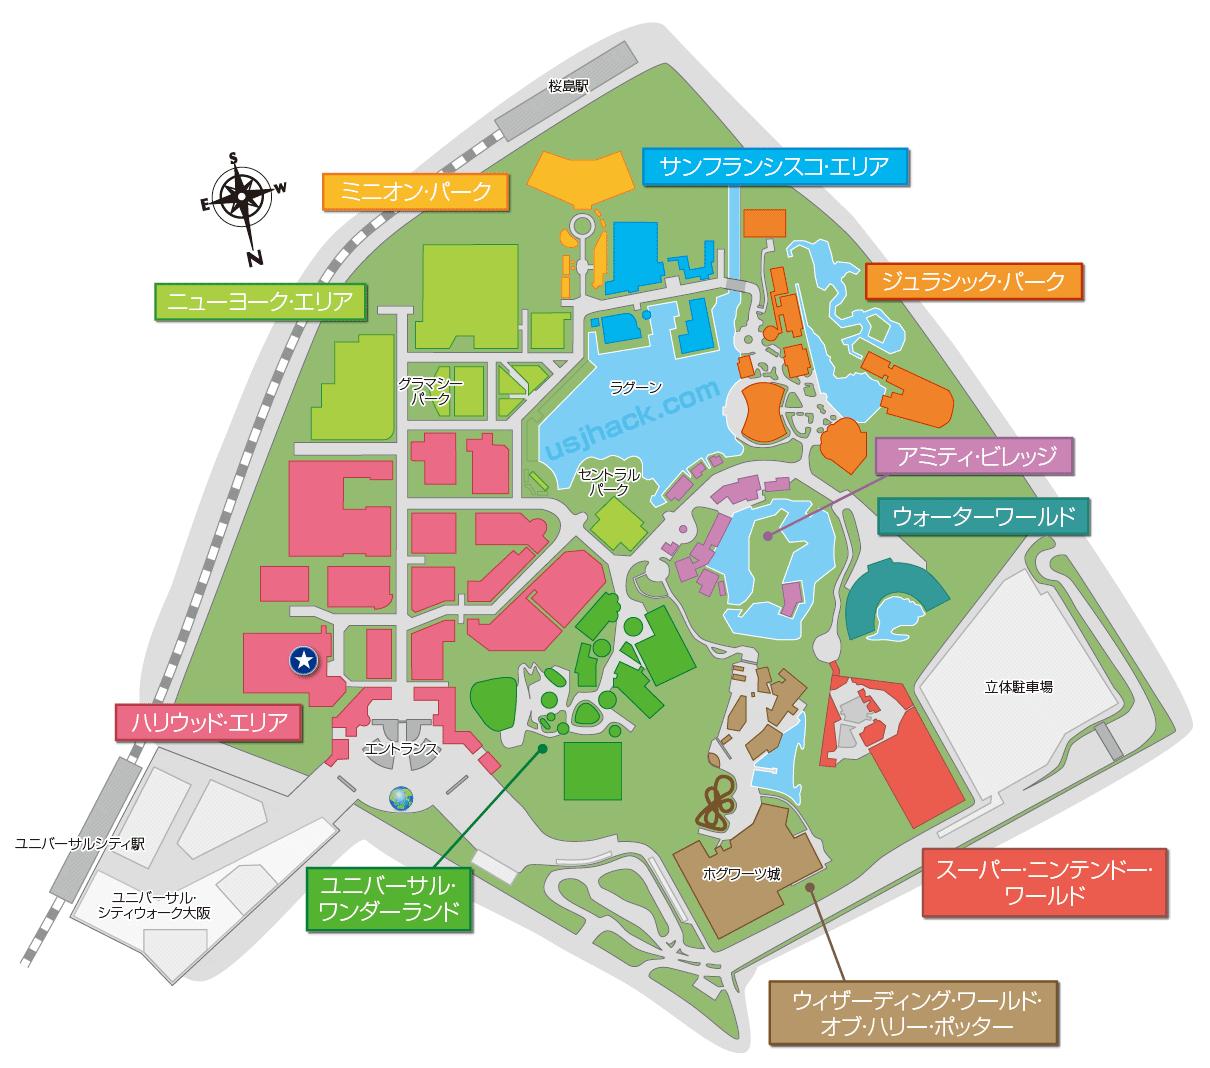 USJゲゲゲの鬼太郎ザリアルの開催場所マップ